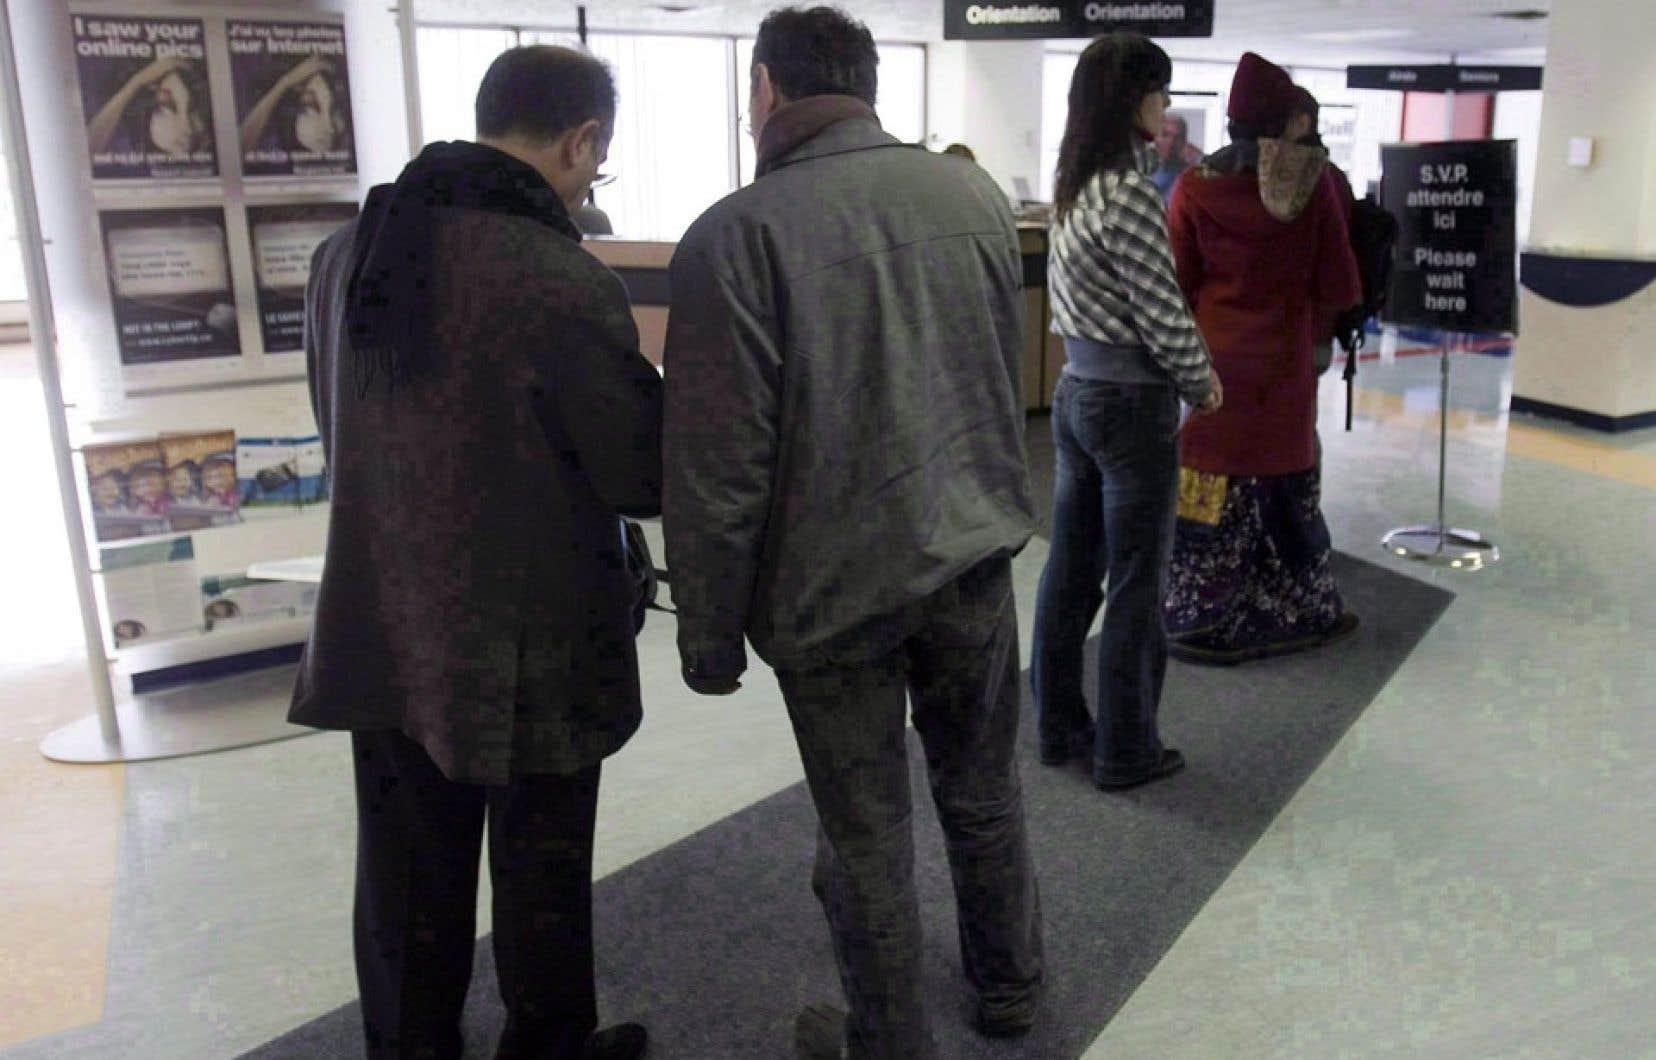 L'organisme d'aide aux chômeurs Mouvement action-chômage de Montréal calcule un délai moyen de cinq mois entre le dépôt de l'appel et l'audition de celui-ci. Les délais fluctuent grandement selon les cas, puisqu'ils vont de deux à neuf mois.